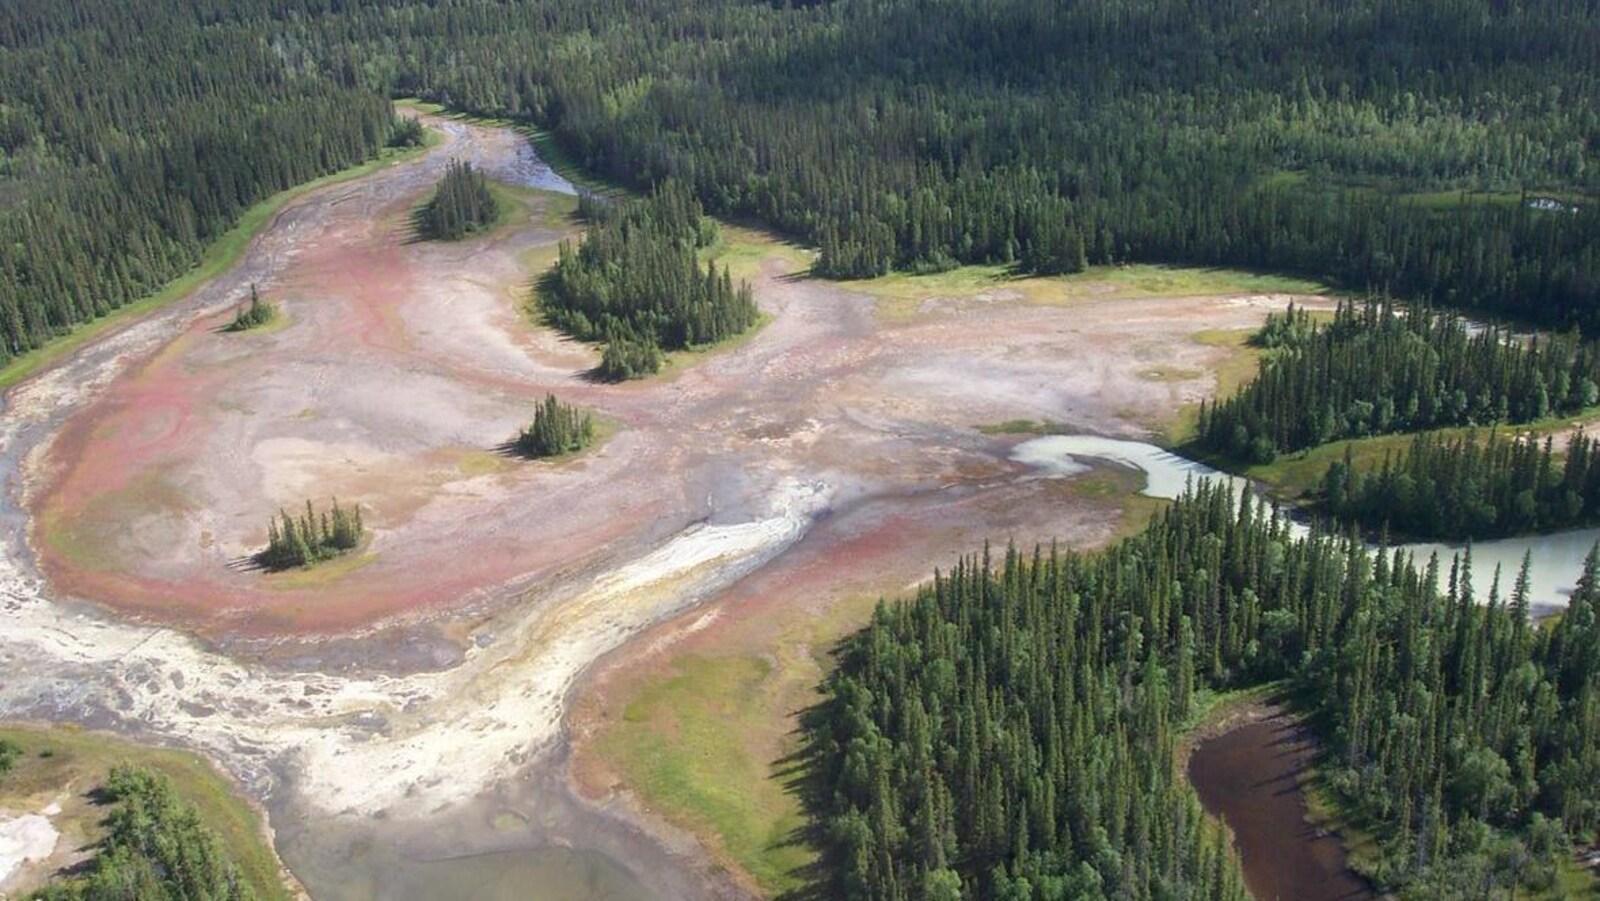 Une vue aérienne d'un écosystème composé de fondrières de mousse.